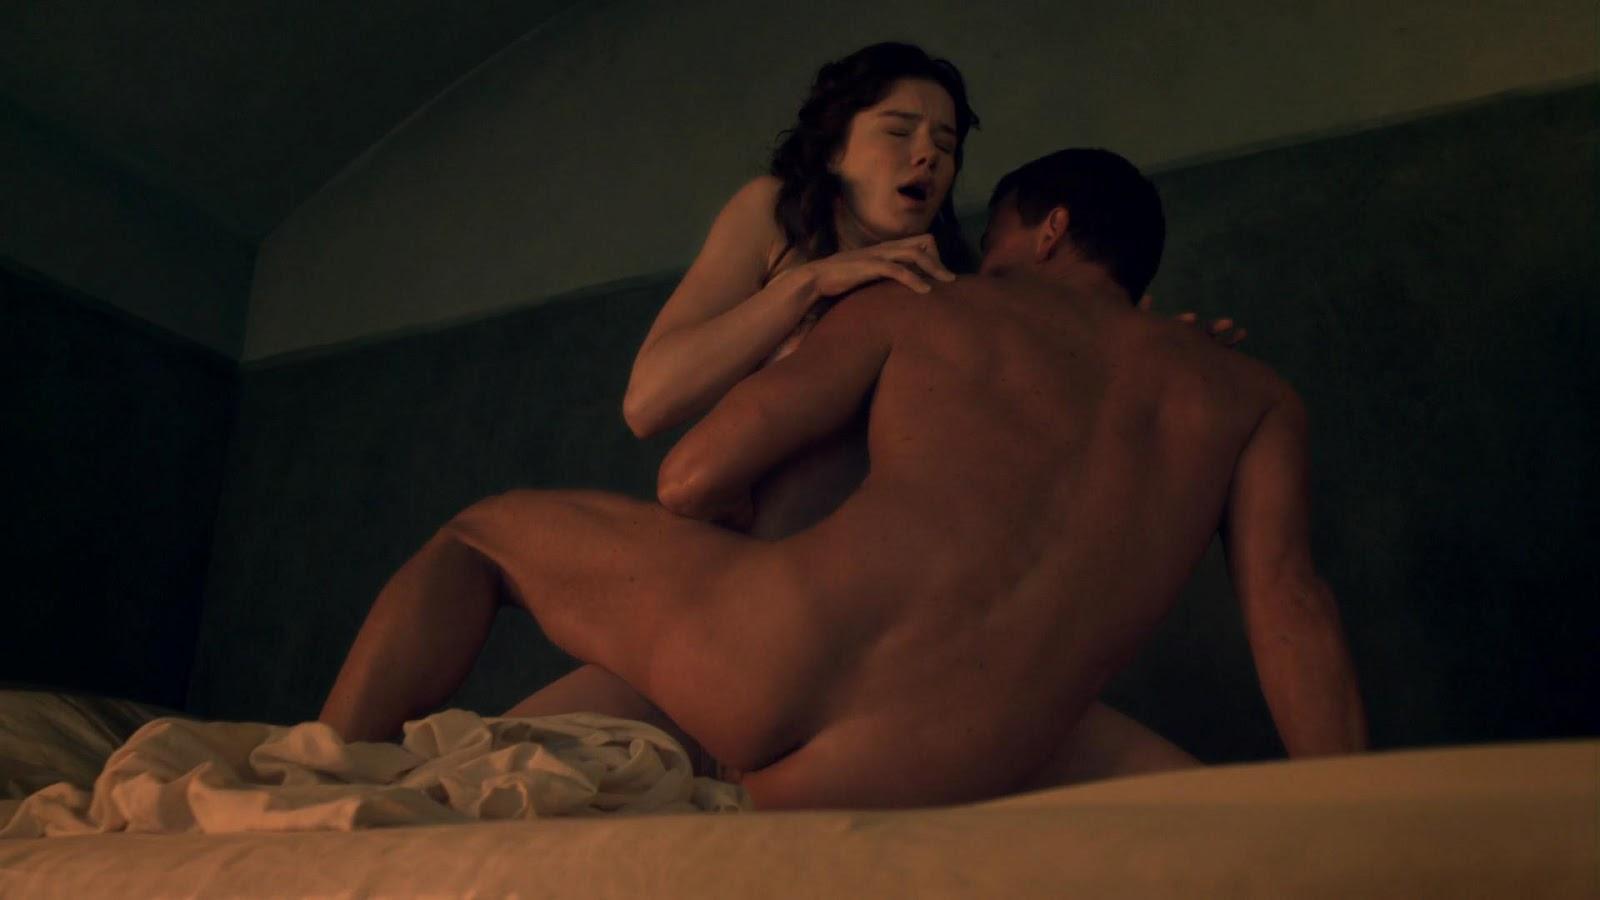 секс интересный фильм про